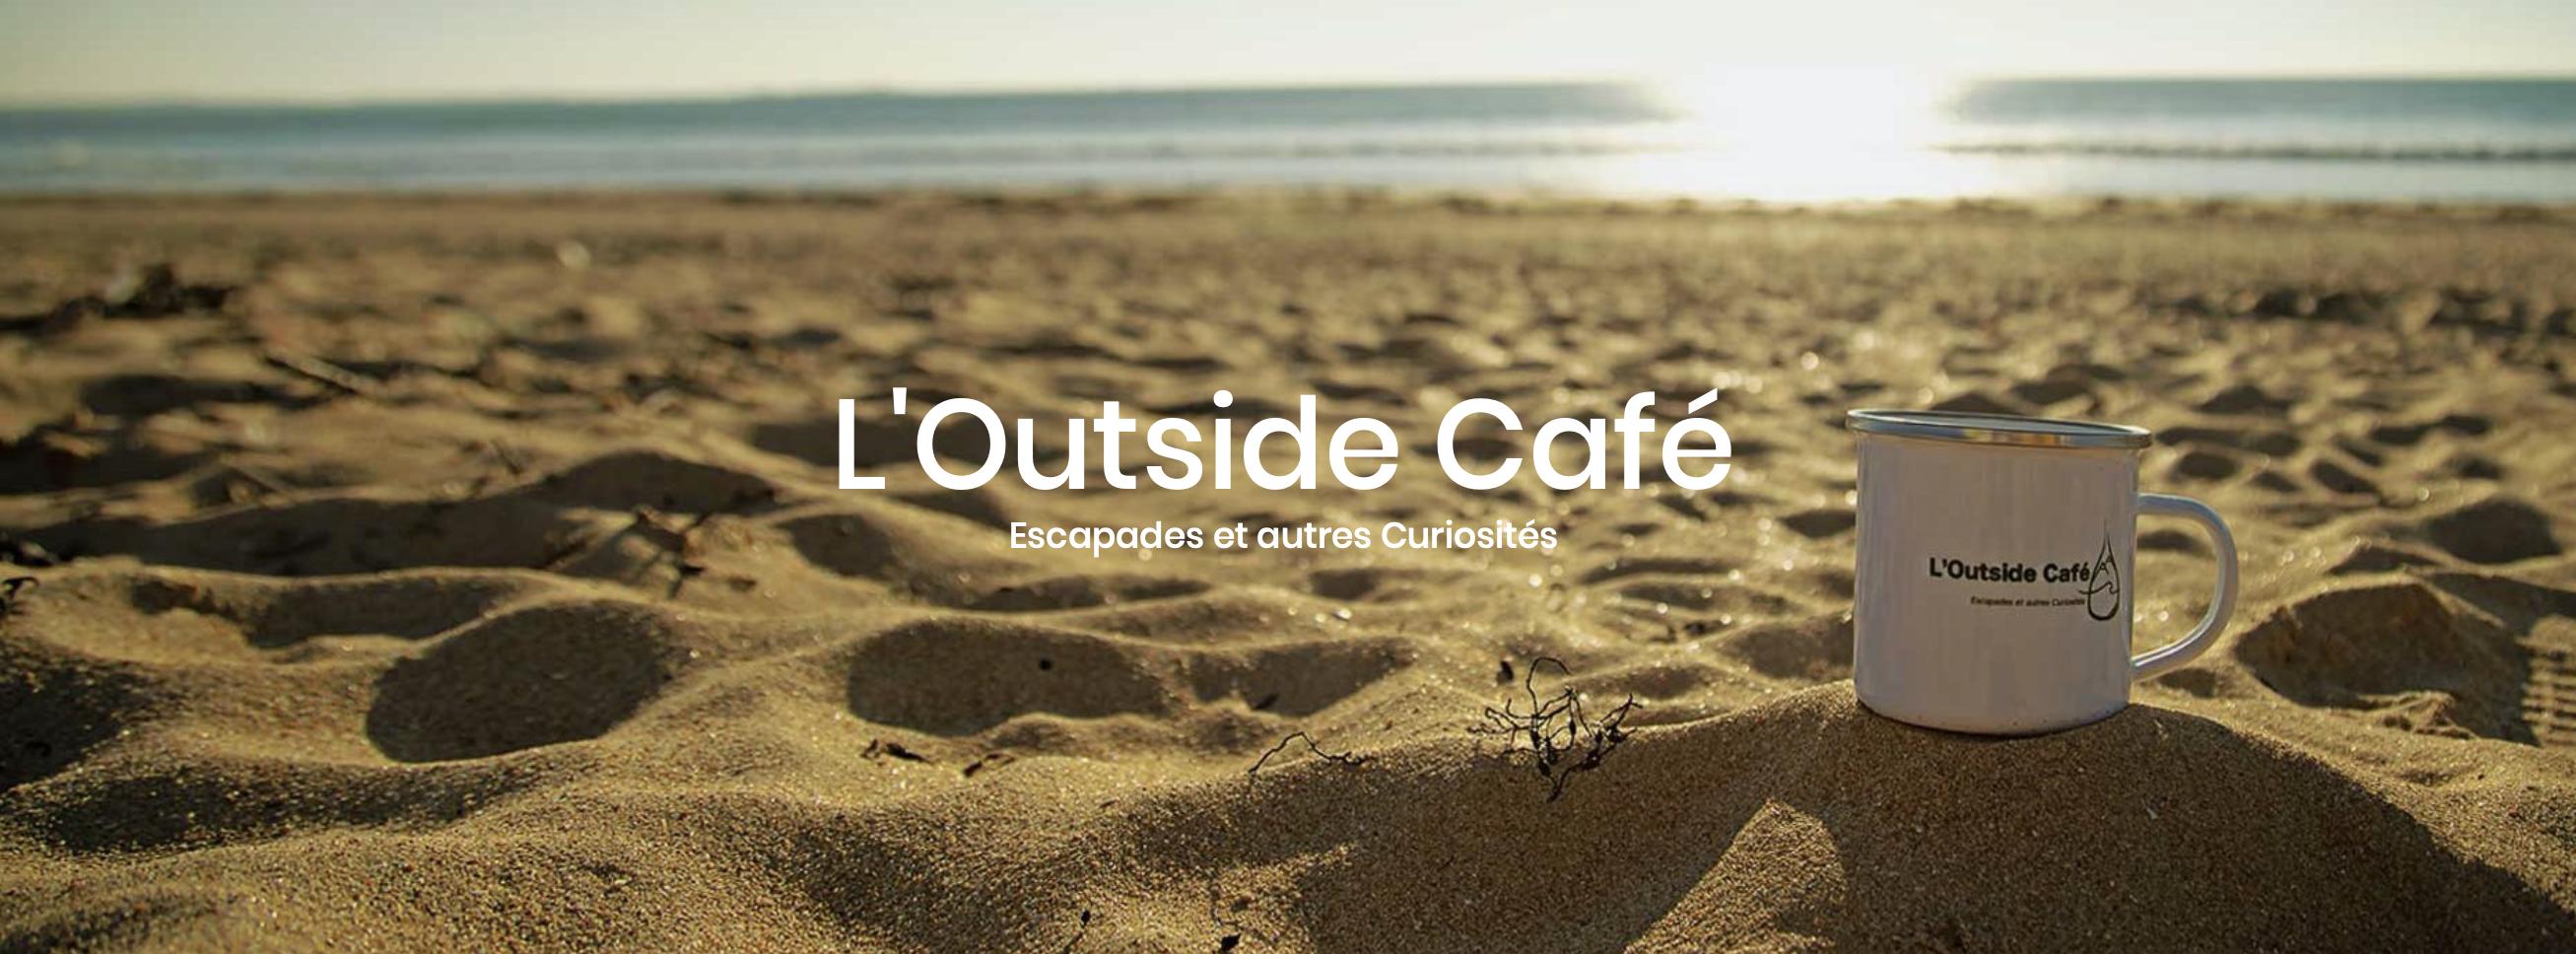 LOutsideCafe